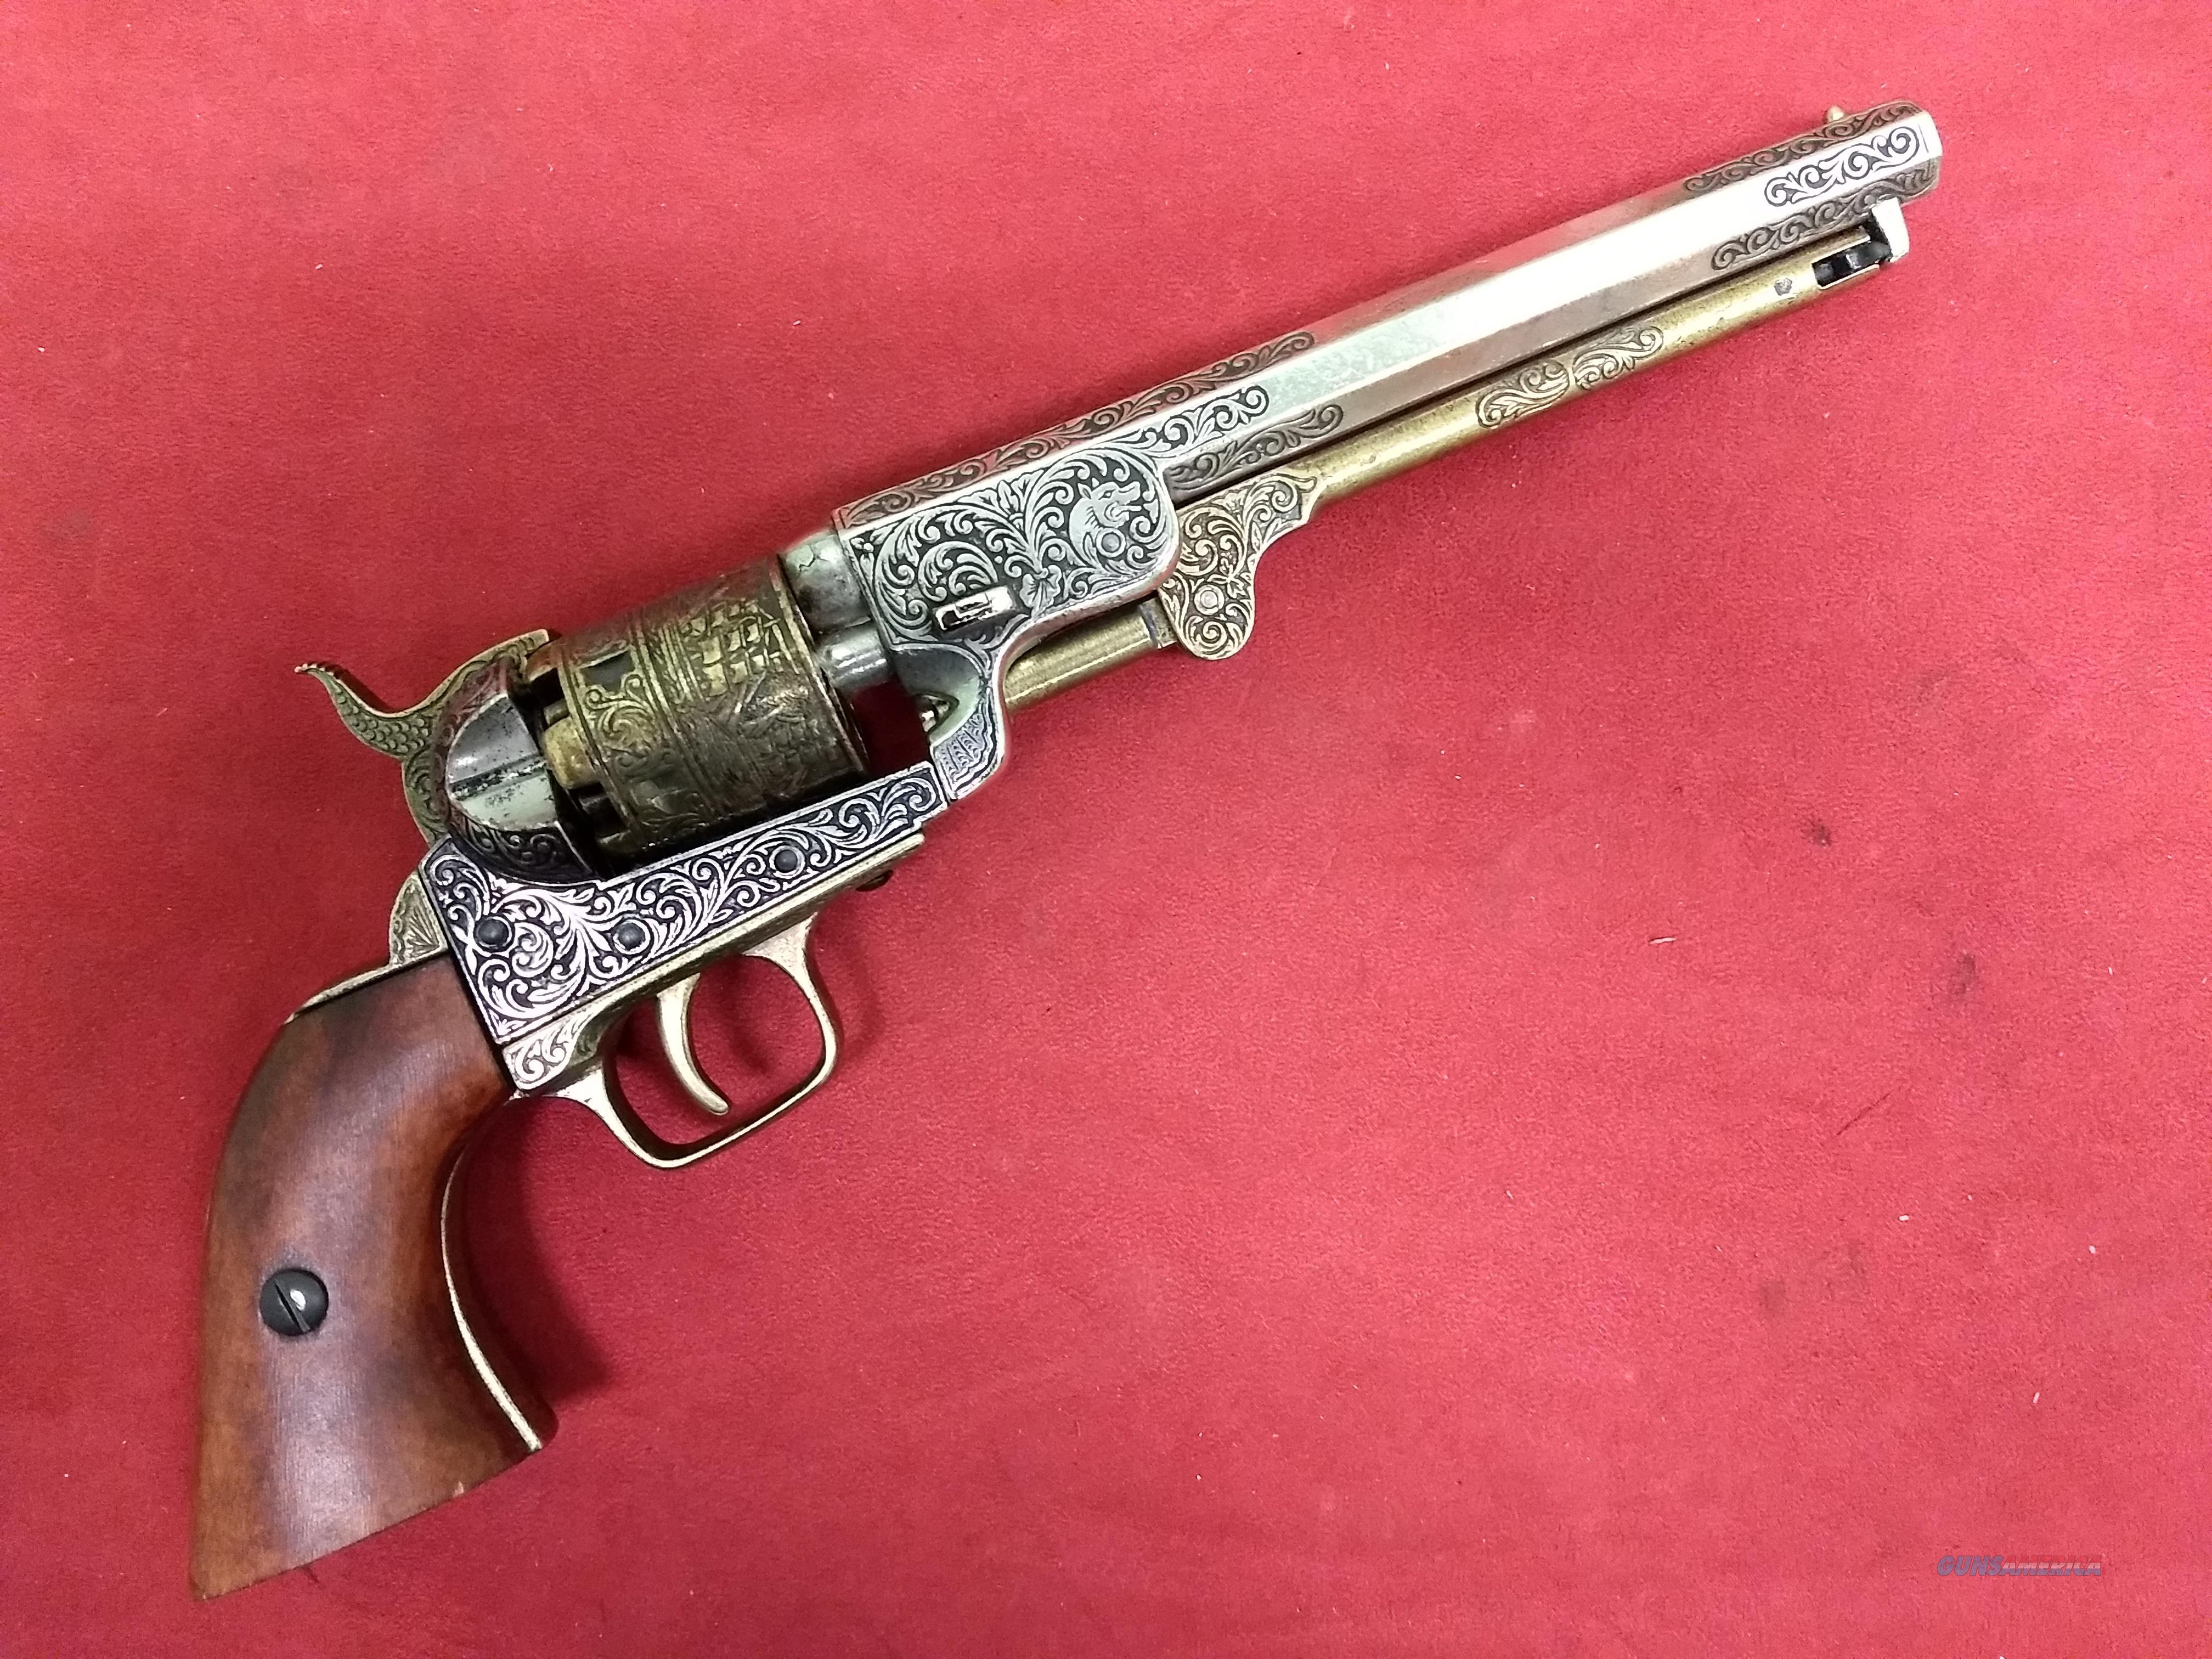 1851 Navy Revolver Curio, Non-Firing  Non-Guns > Curios